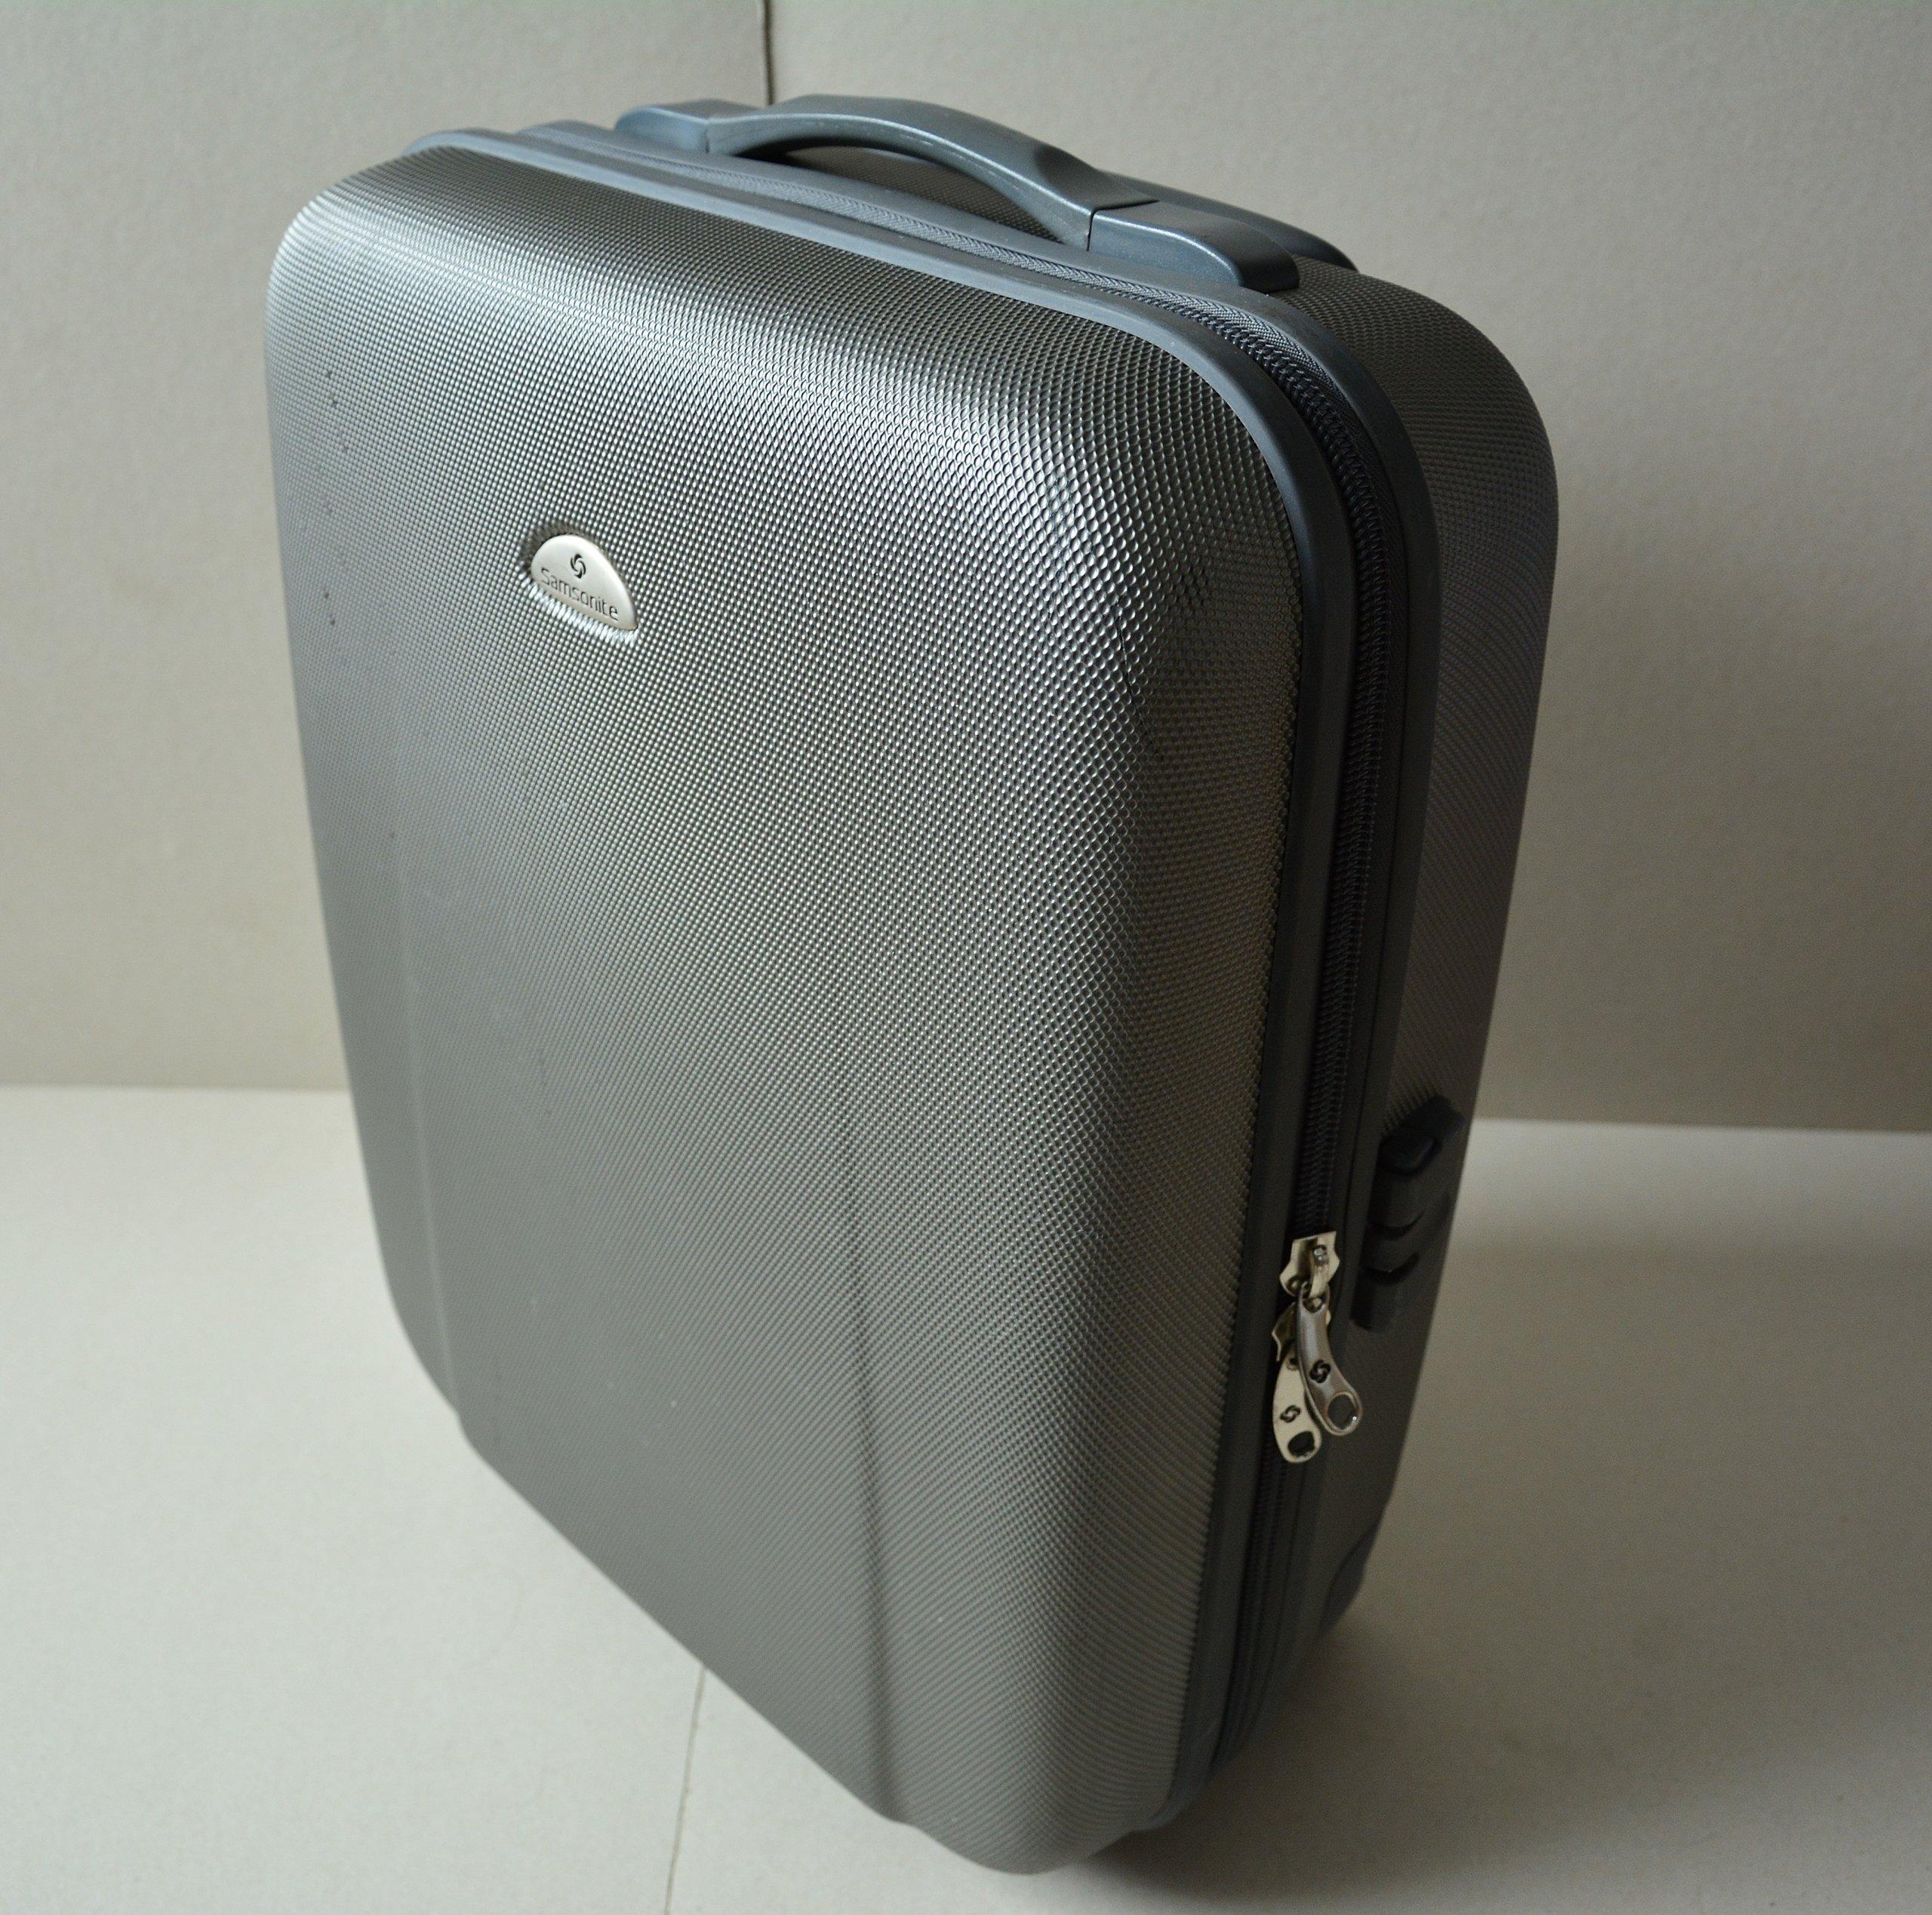 ec32e896dce71 Walizka torba na kółkach Samsonite - 7240868515 - oficjalne archiwum ...